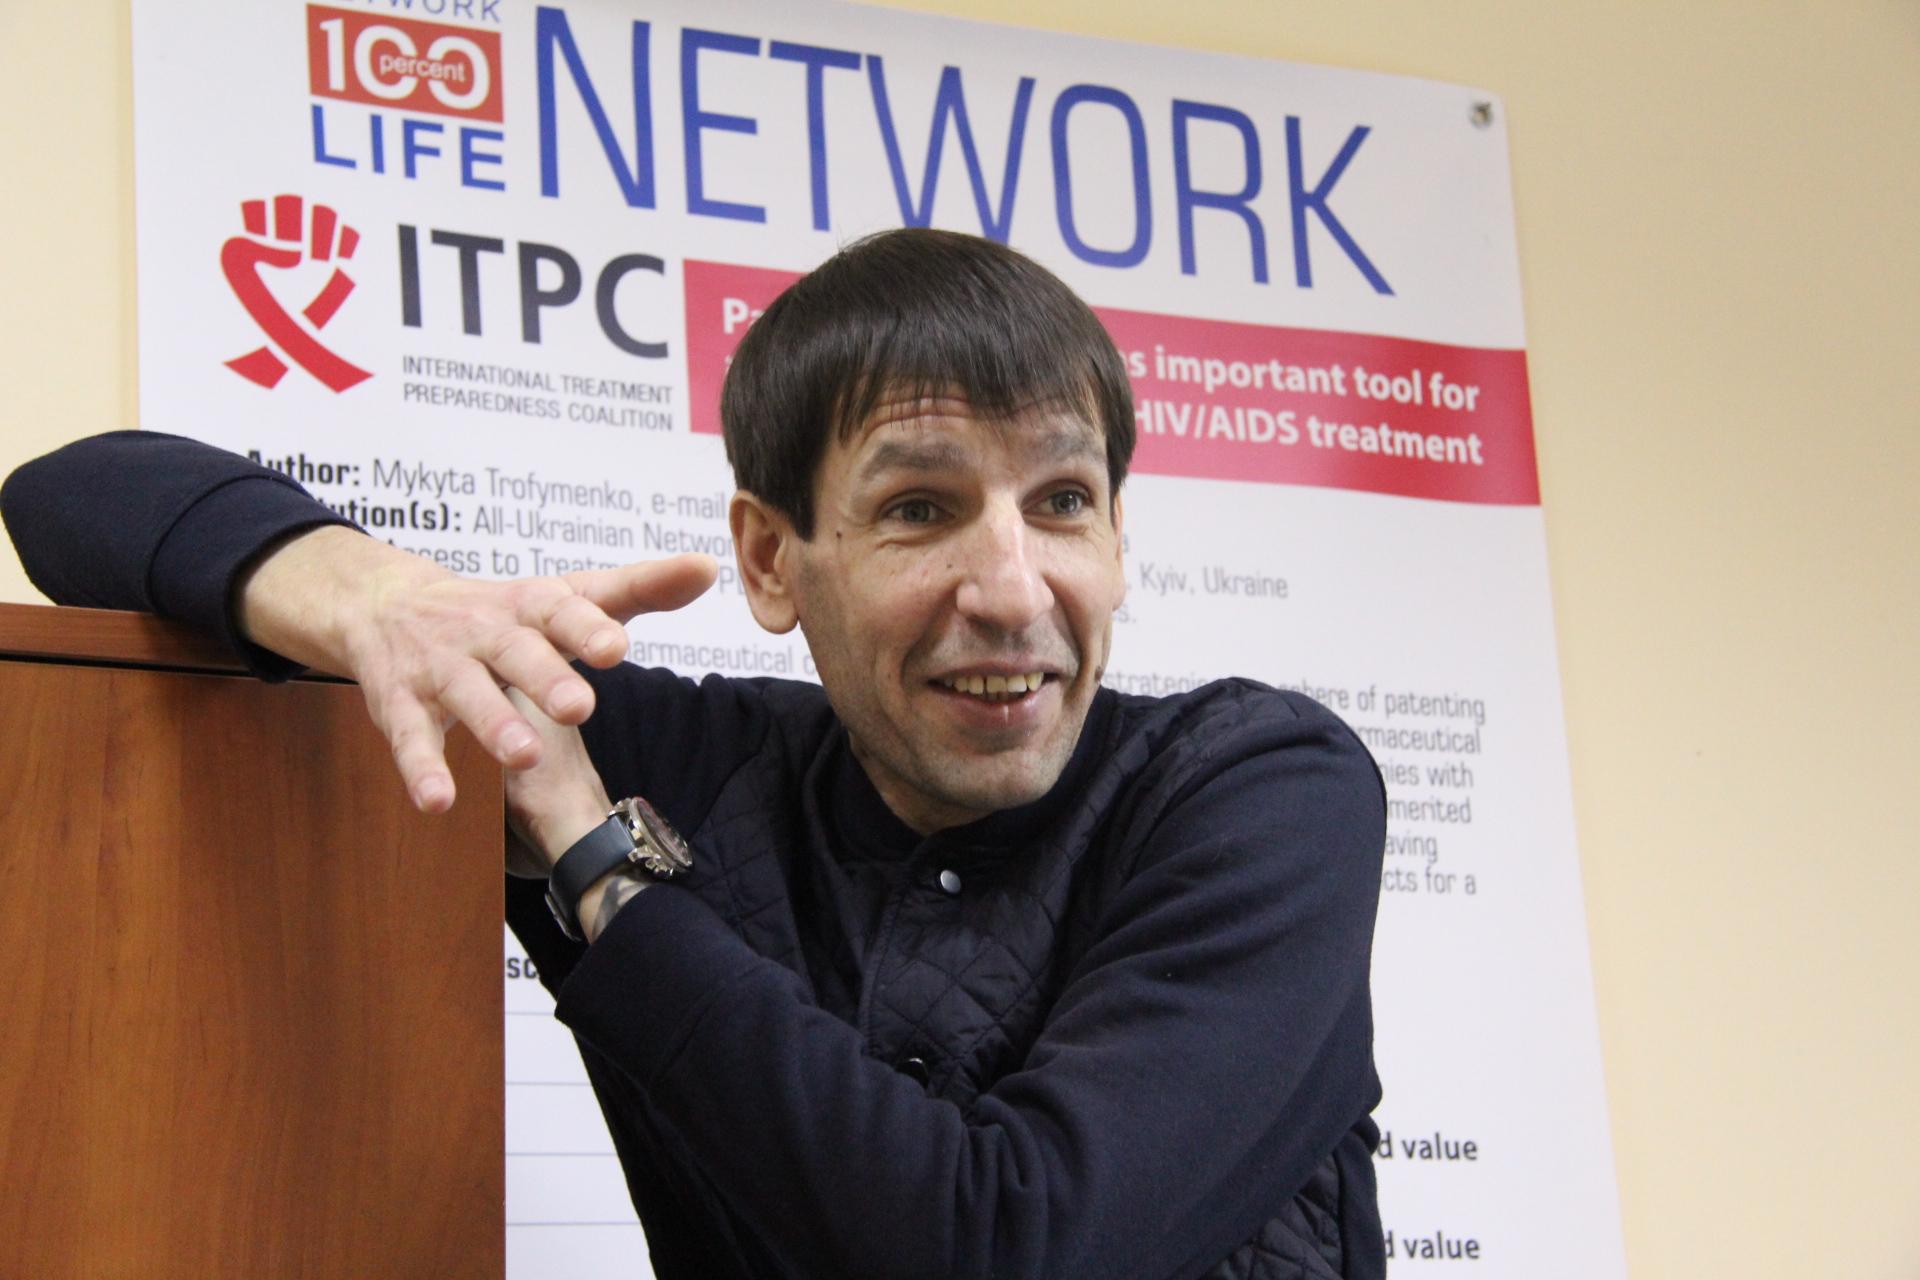 Виталий Ткачук стал Делегатом от европейских НПО в Координационном совете ЮНЭЙДС